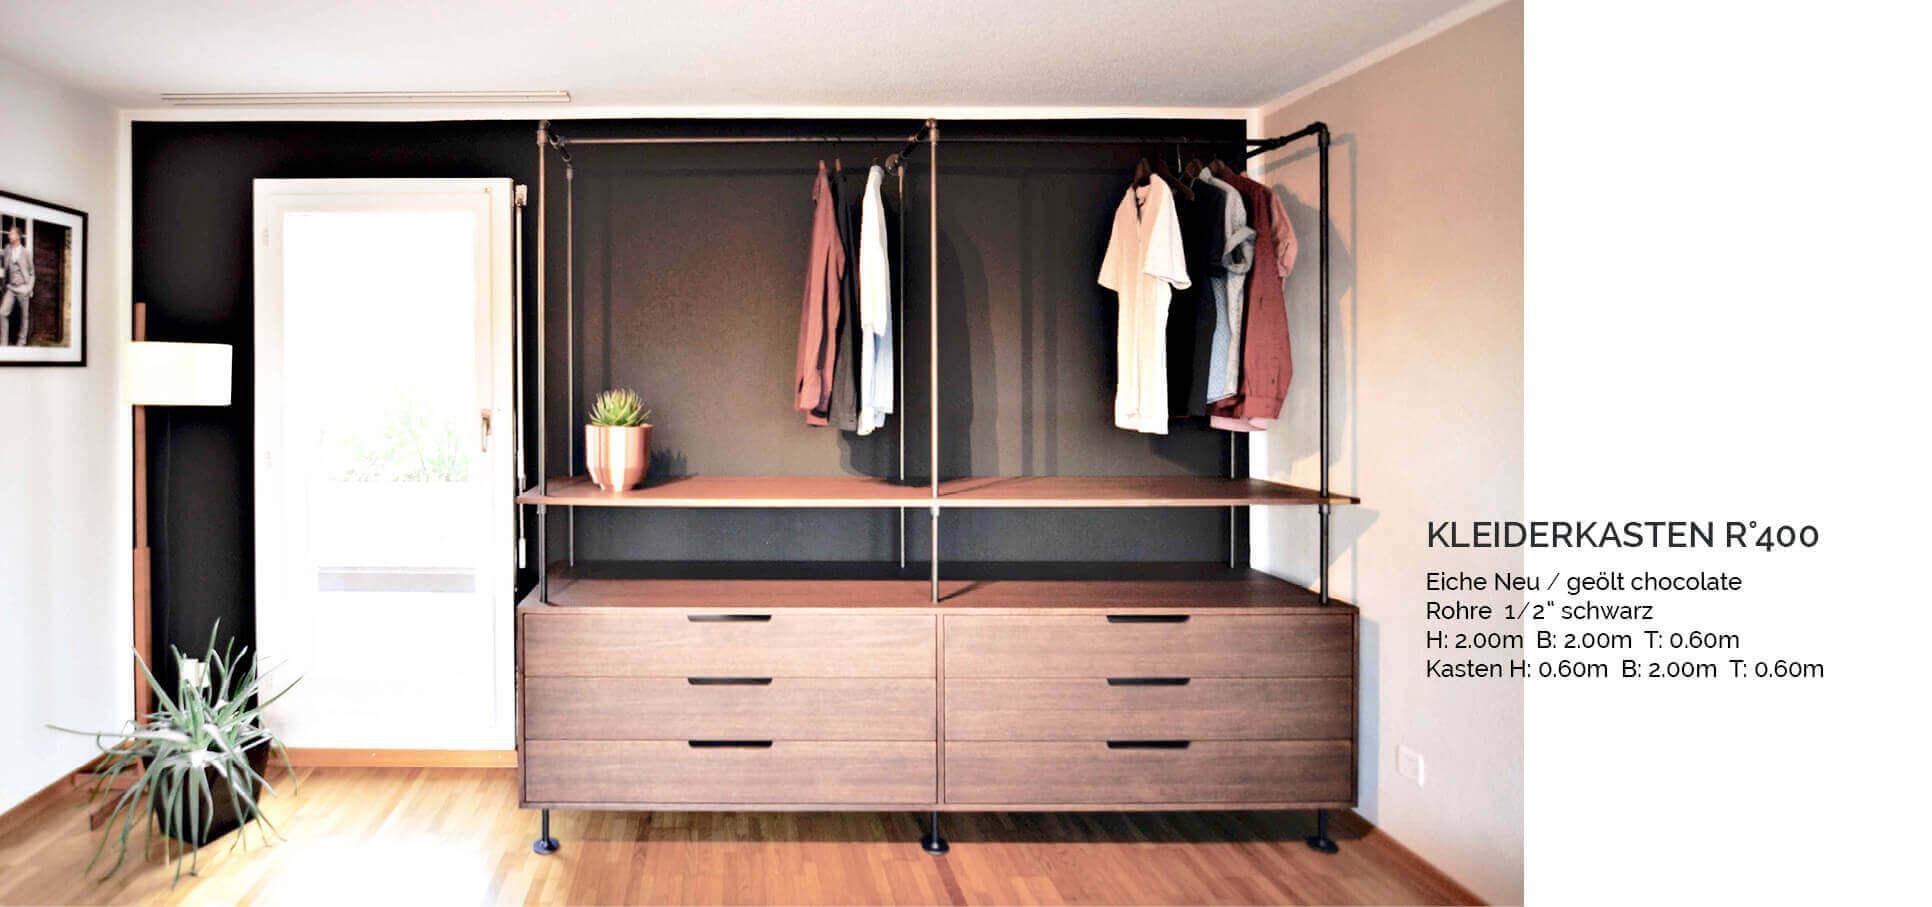 ohrfabrik-kleiderkasten-wasserrohr-massiv-begehbarer-kleiderschrank-modular3.jpg